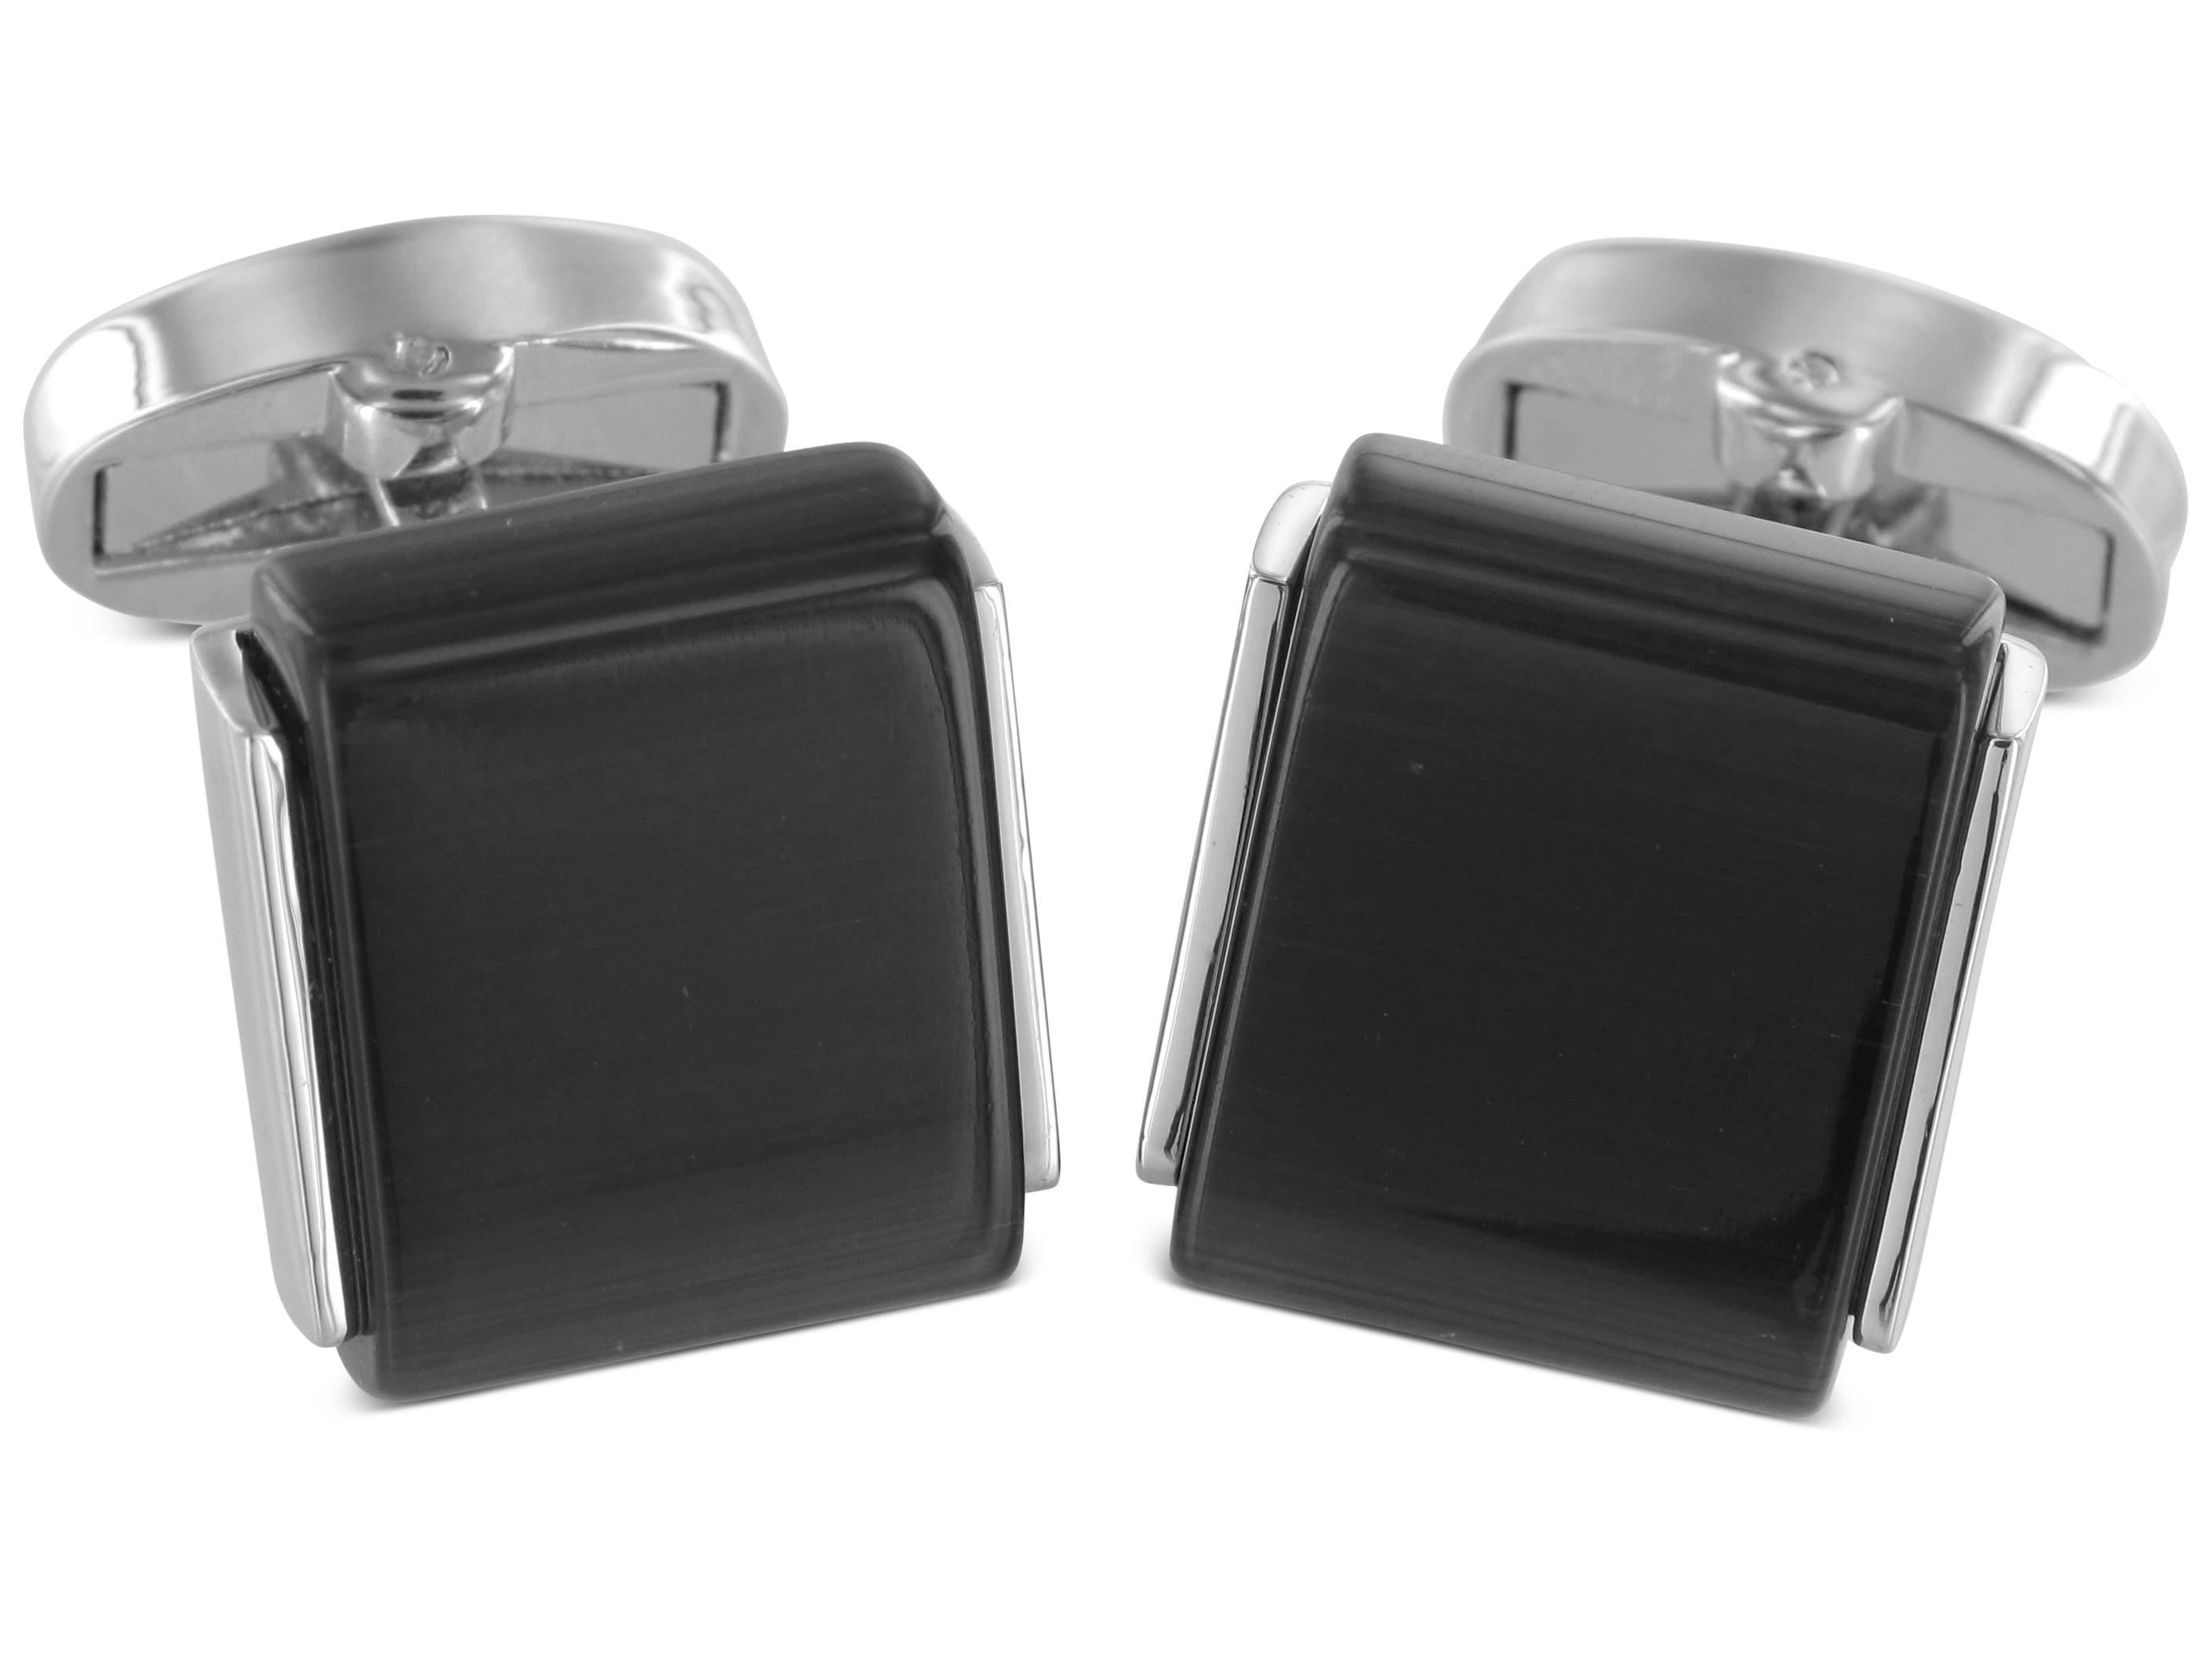 TEROON Manschettenknöpfe schwarze Steineinlage